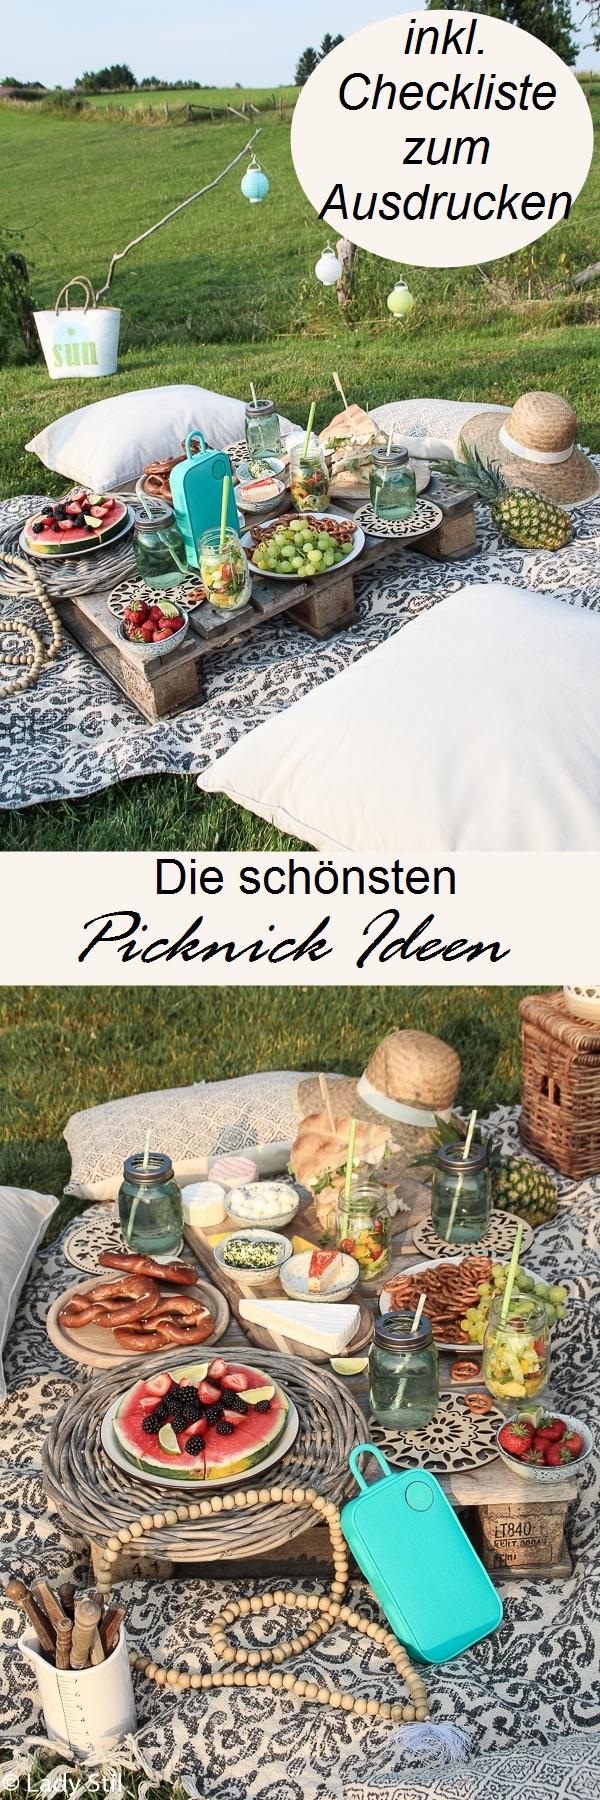 musikalisches picknick vergn gen f r kurzentschlossene inklusive checkliste zum ausdrucken diy. Black Bedroom Furniture Sets. Home Design Ideas